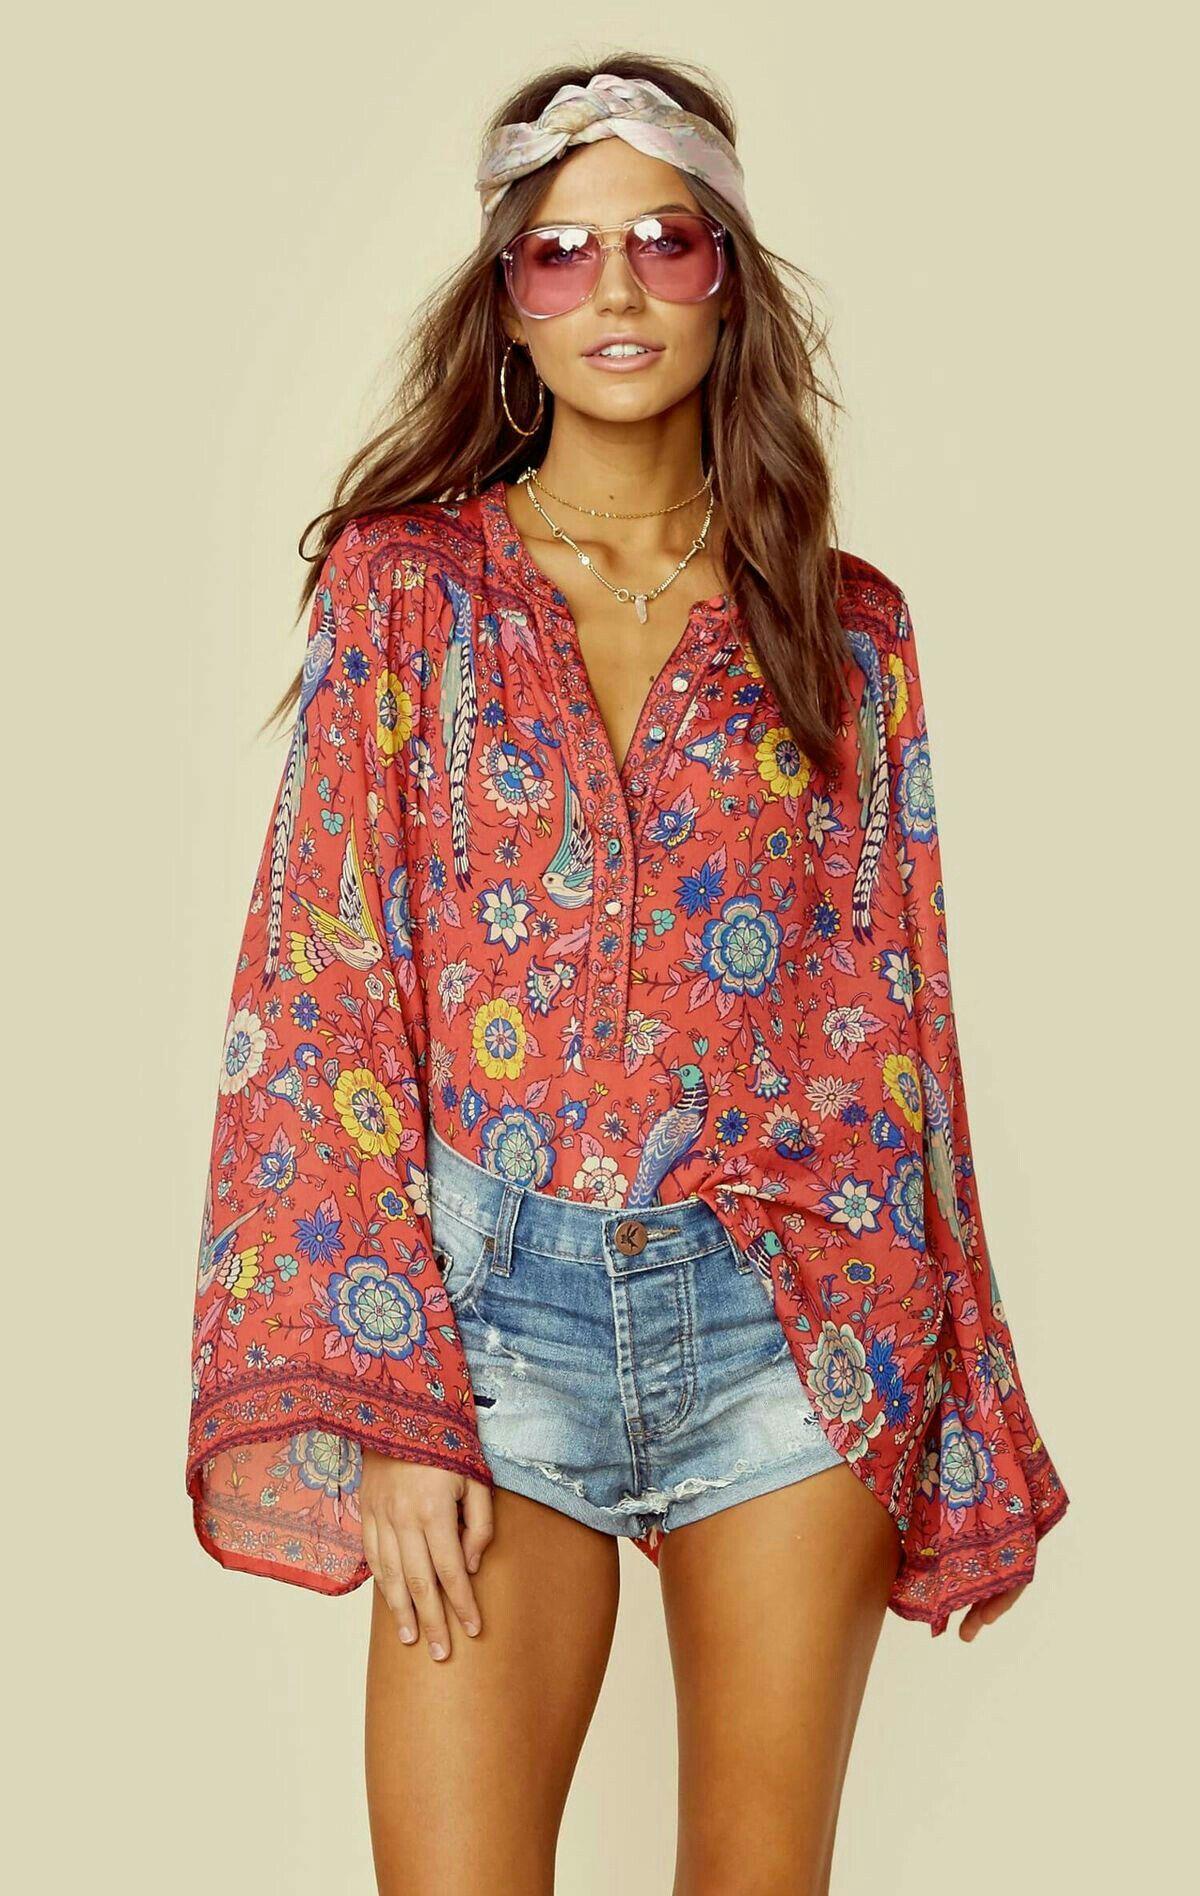 962165de5 Blusa jeans inspiración retro   Boho Spirit in 2019   Hippie outfits ...